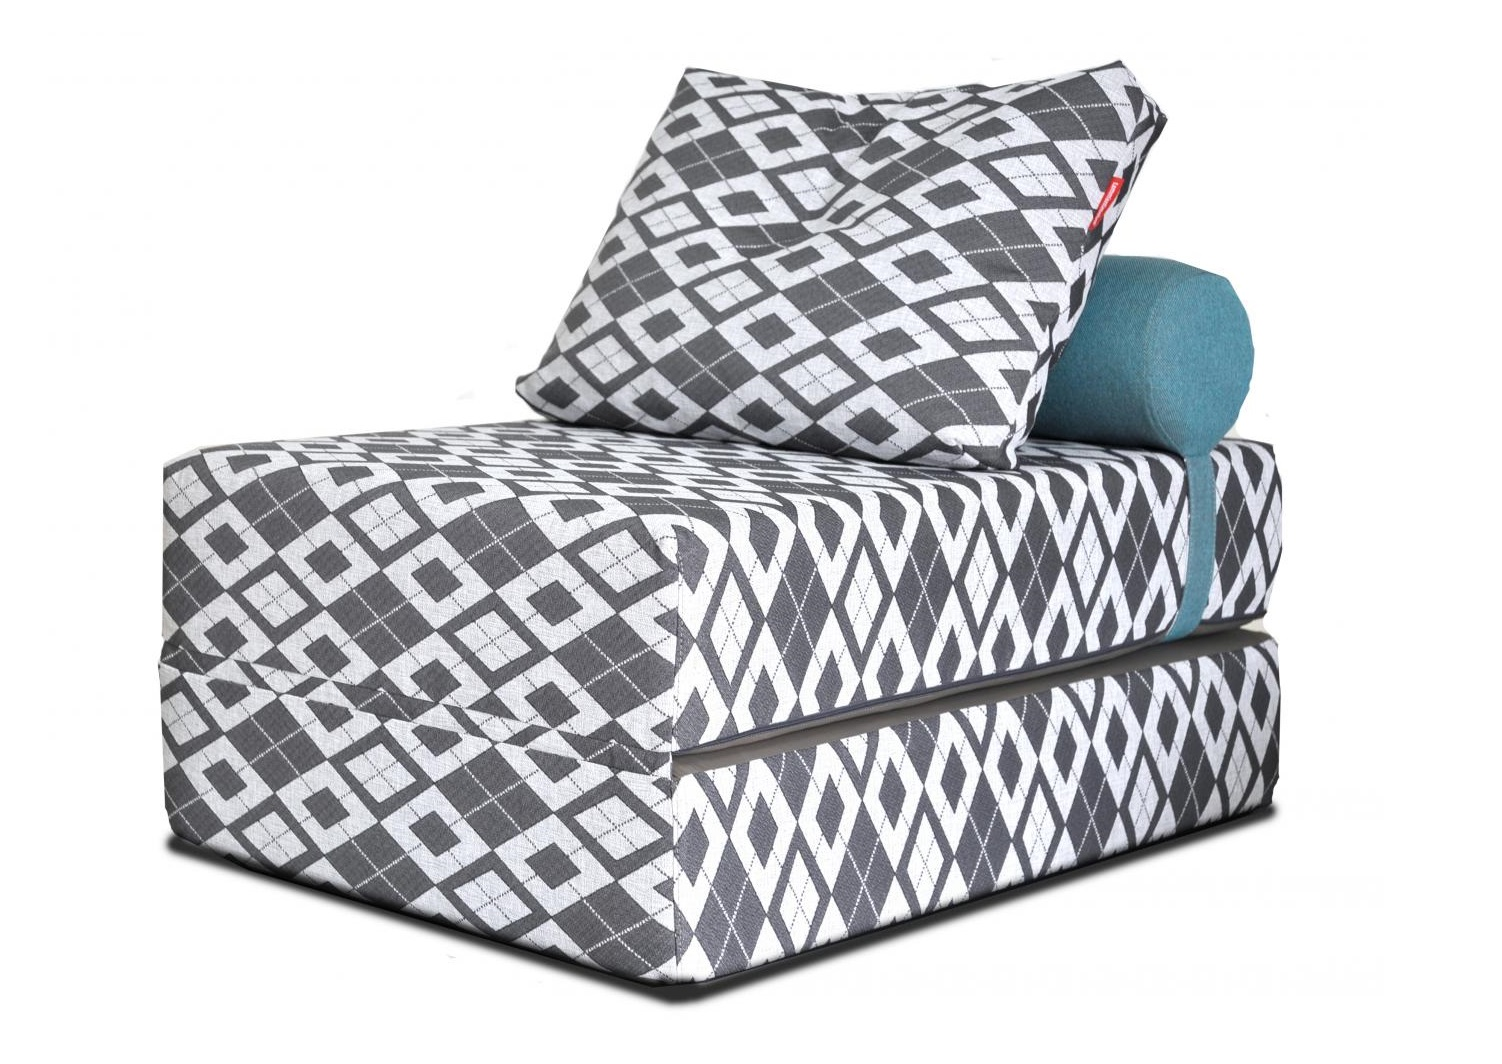 Кресло-кровать Costa ГарвардКресла-кровати<br>Бескаркасное кресло-кровать из коллекции IQMebel  идеально для использования в небольших комнатах, поскольку в сложенном виде кресло занимает чуть более половины квадратного метра. В тоже время, в разложенном варианте, кресло-кровать представляет собой полноценное спальное место для взрослого человека. Отсутствие твердых элементов гарантирует вашу безопасность и защиту от травм. Габариты: длина 100см. (в сложенном виде), длина 200см. (в разложенном).&amp;amp;nbsp;&amp;lt;div&amp;gt;&amp;lt;br&amp;gt;&amp;lt;/div&amp;gt;&amp;lt;div&amp;gt;Ткань: внешний чехол – рогожка, полиэстер.&amp;amp;nbsp;&amp;lt;/div&amp;gt;&amp;lt;div&amp;gt;Внутренний чехол – есть, нейлон-хлопок.&amp;lt;/div&amp;gt;<br><br>Material: Текстиль<br>Ширина см: 100<br>Высота см: 40<br>Глубина см: 70